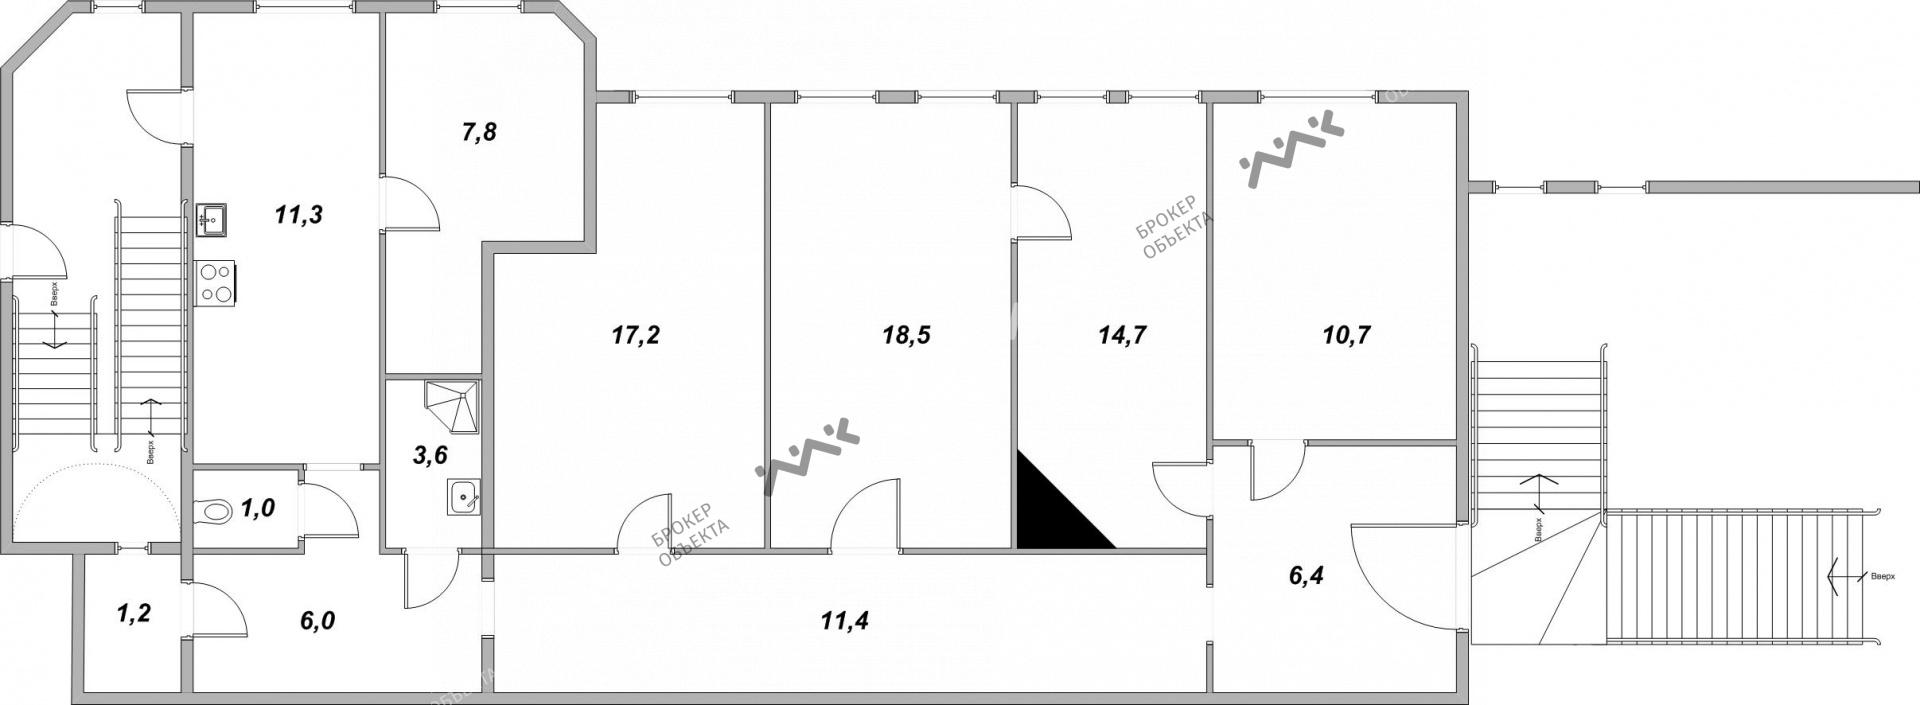 Планировка 11-я В.О. линия, д.46. Лот № 1890106